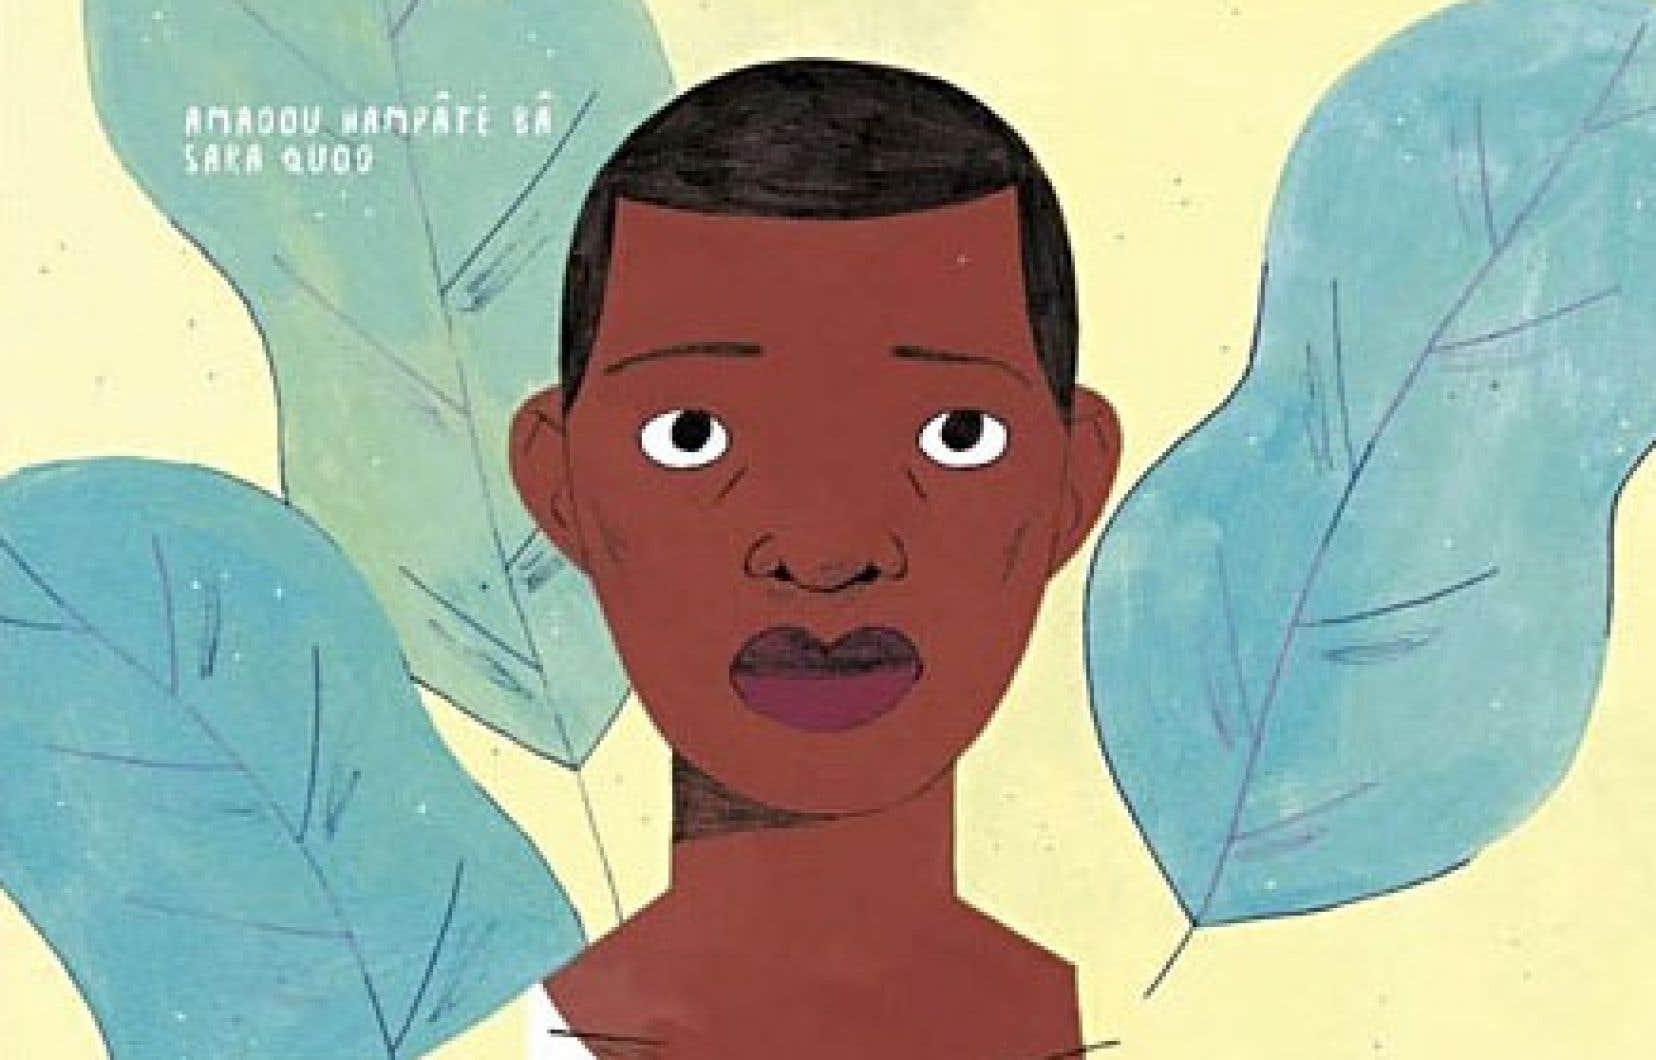 Présenté en grand format, le conte est accompagné des illustrations de Sara Quod